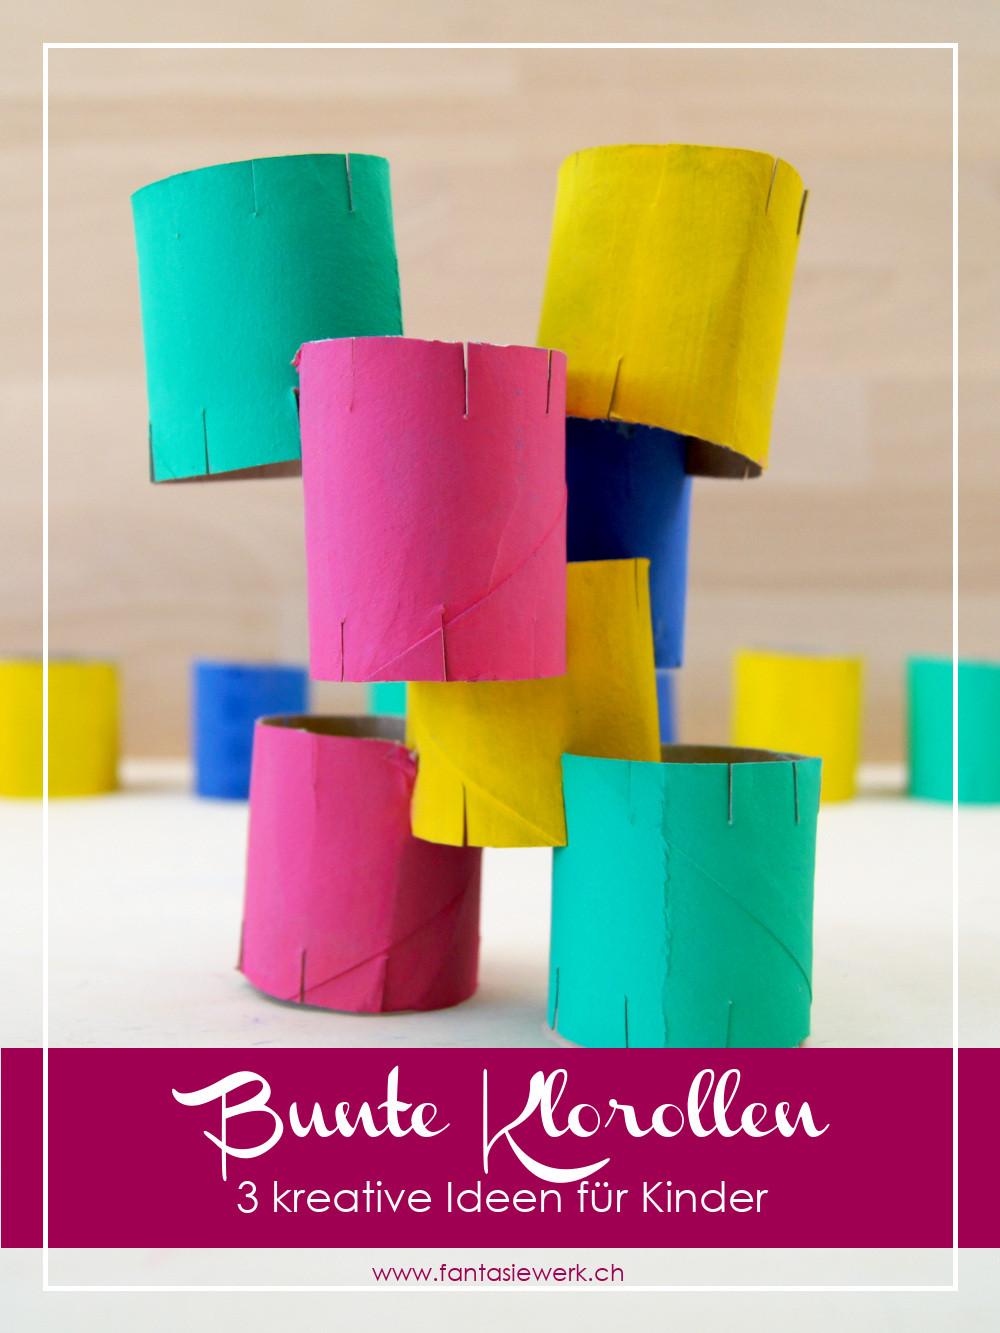 3 kreative Spielideen und Bastelideen zum Basteln mit Kindern mit Klorollen. Kinder malen, schneiden, stecken und fädeln so gerne. Das alles geht auch mit Toilettenpapierrollen. | von Fantasiewerk | #bastelnmitkindern